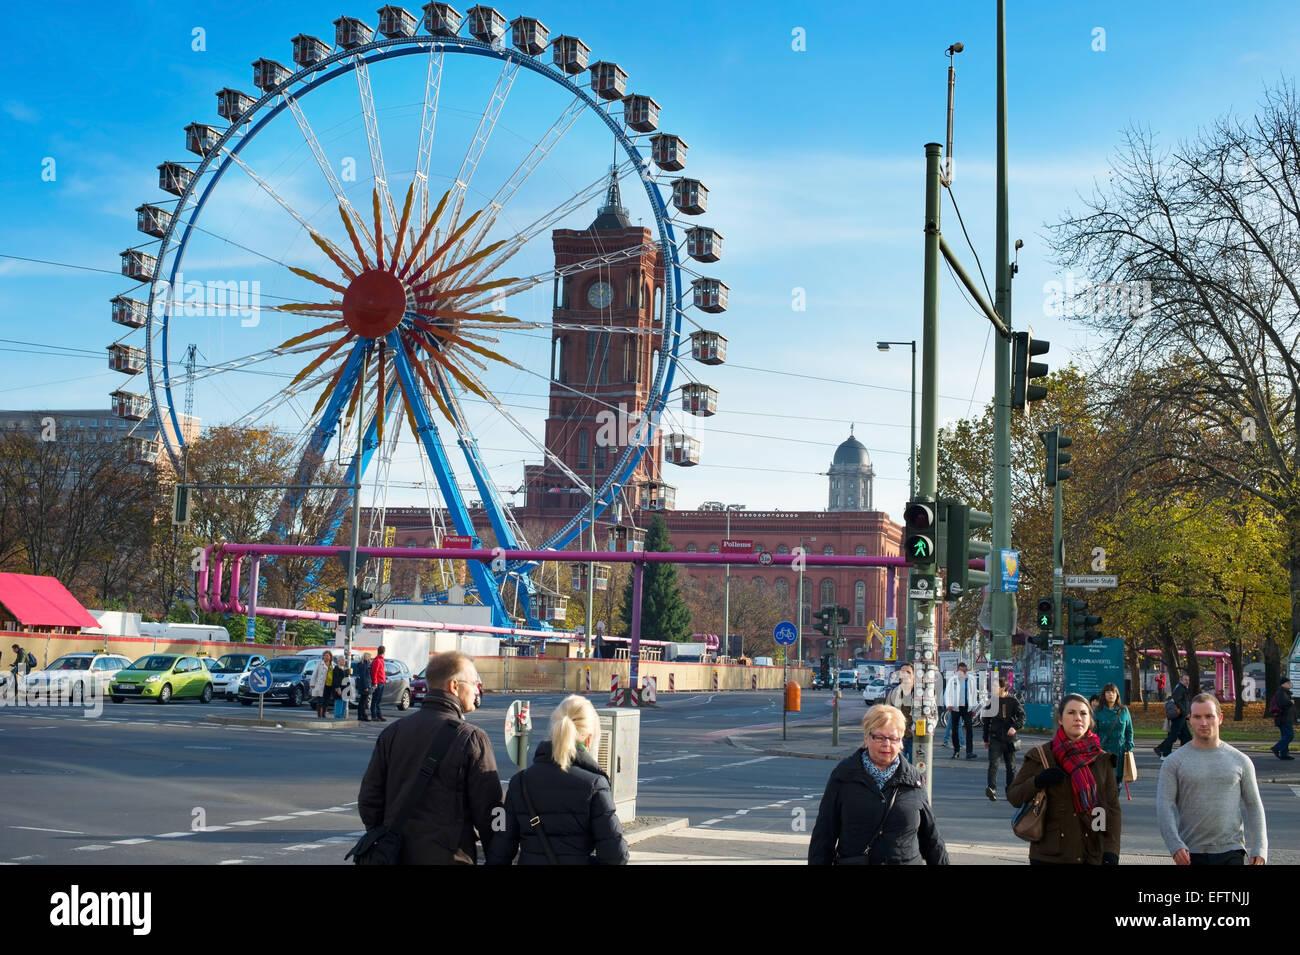 Vista della ruota panoramica Ferris a Alexanderplatz. Immagini Stock